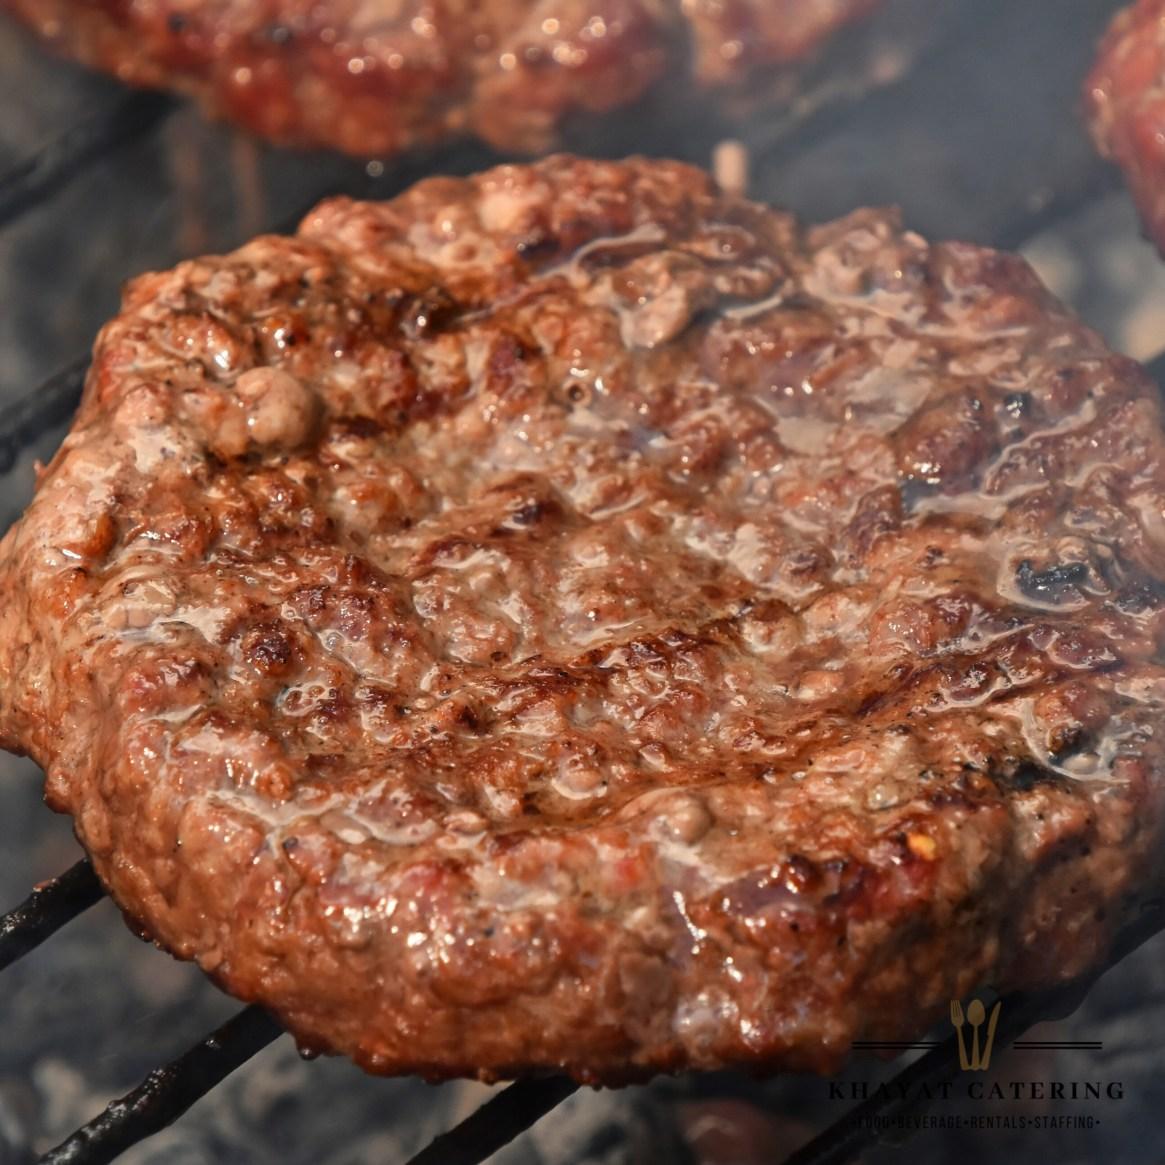 Khayat Catering hamburger